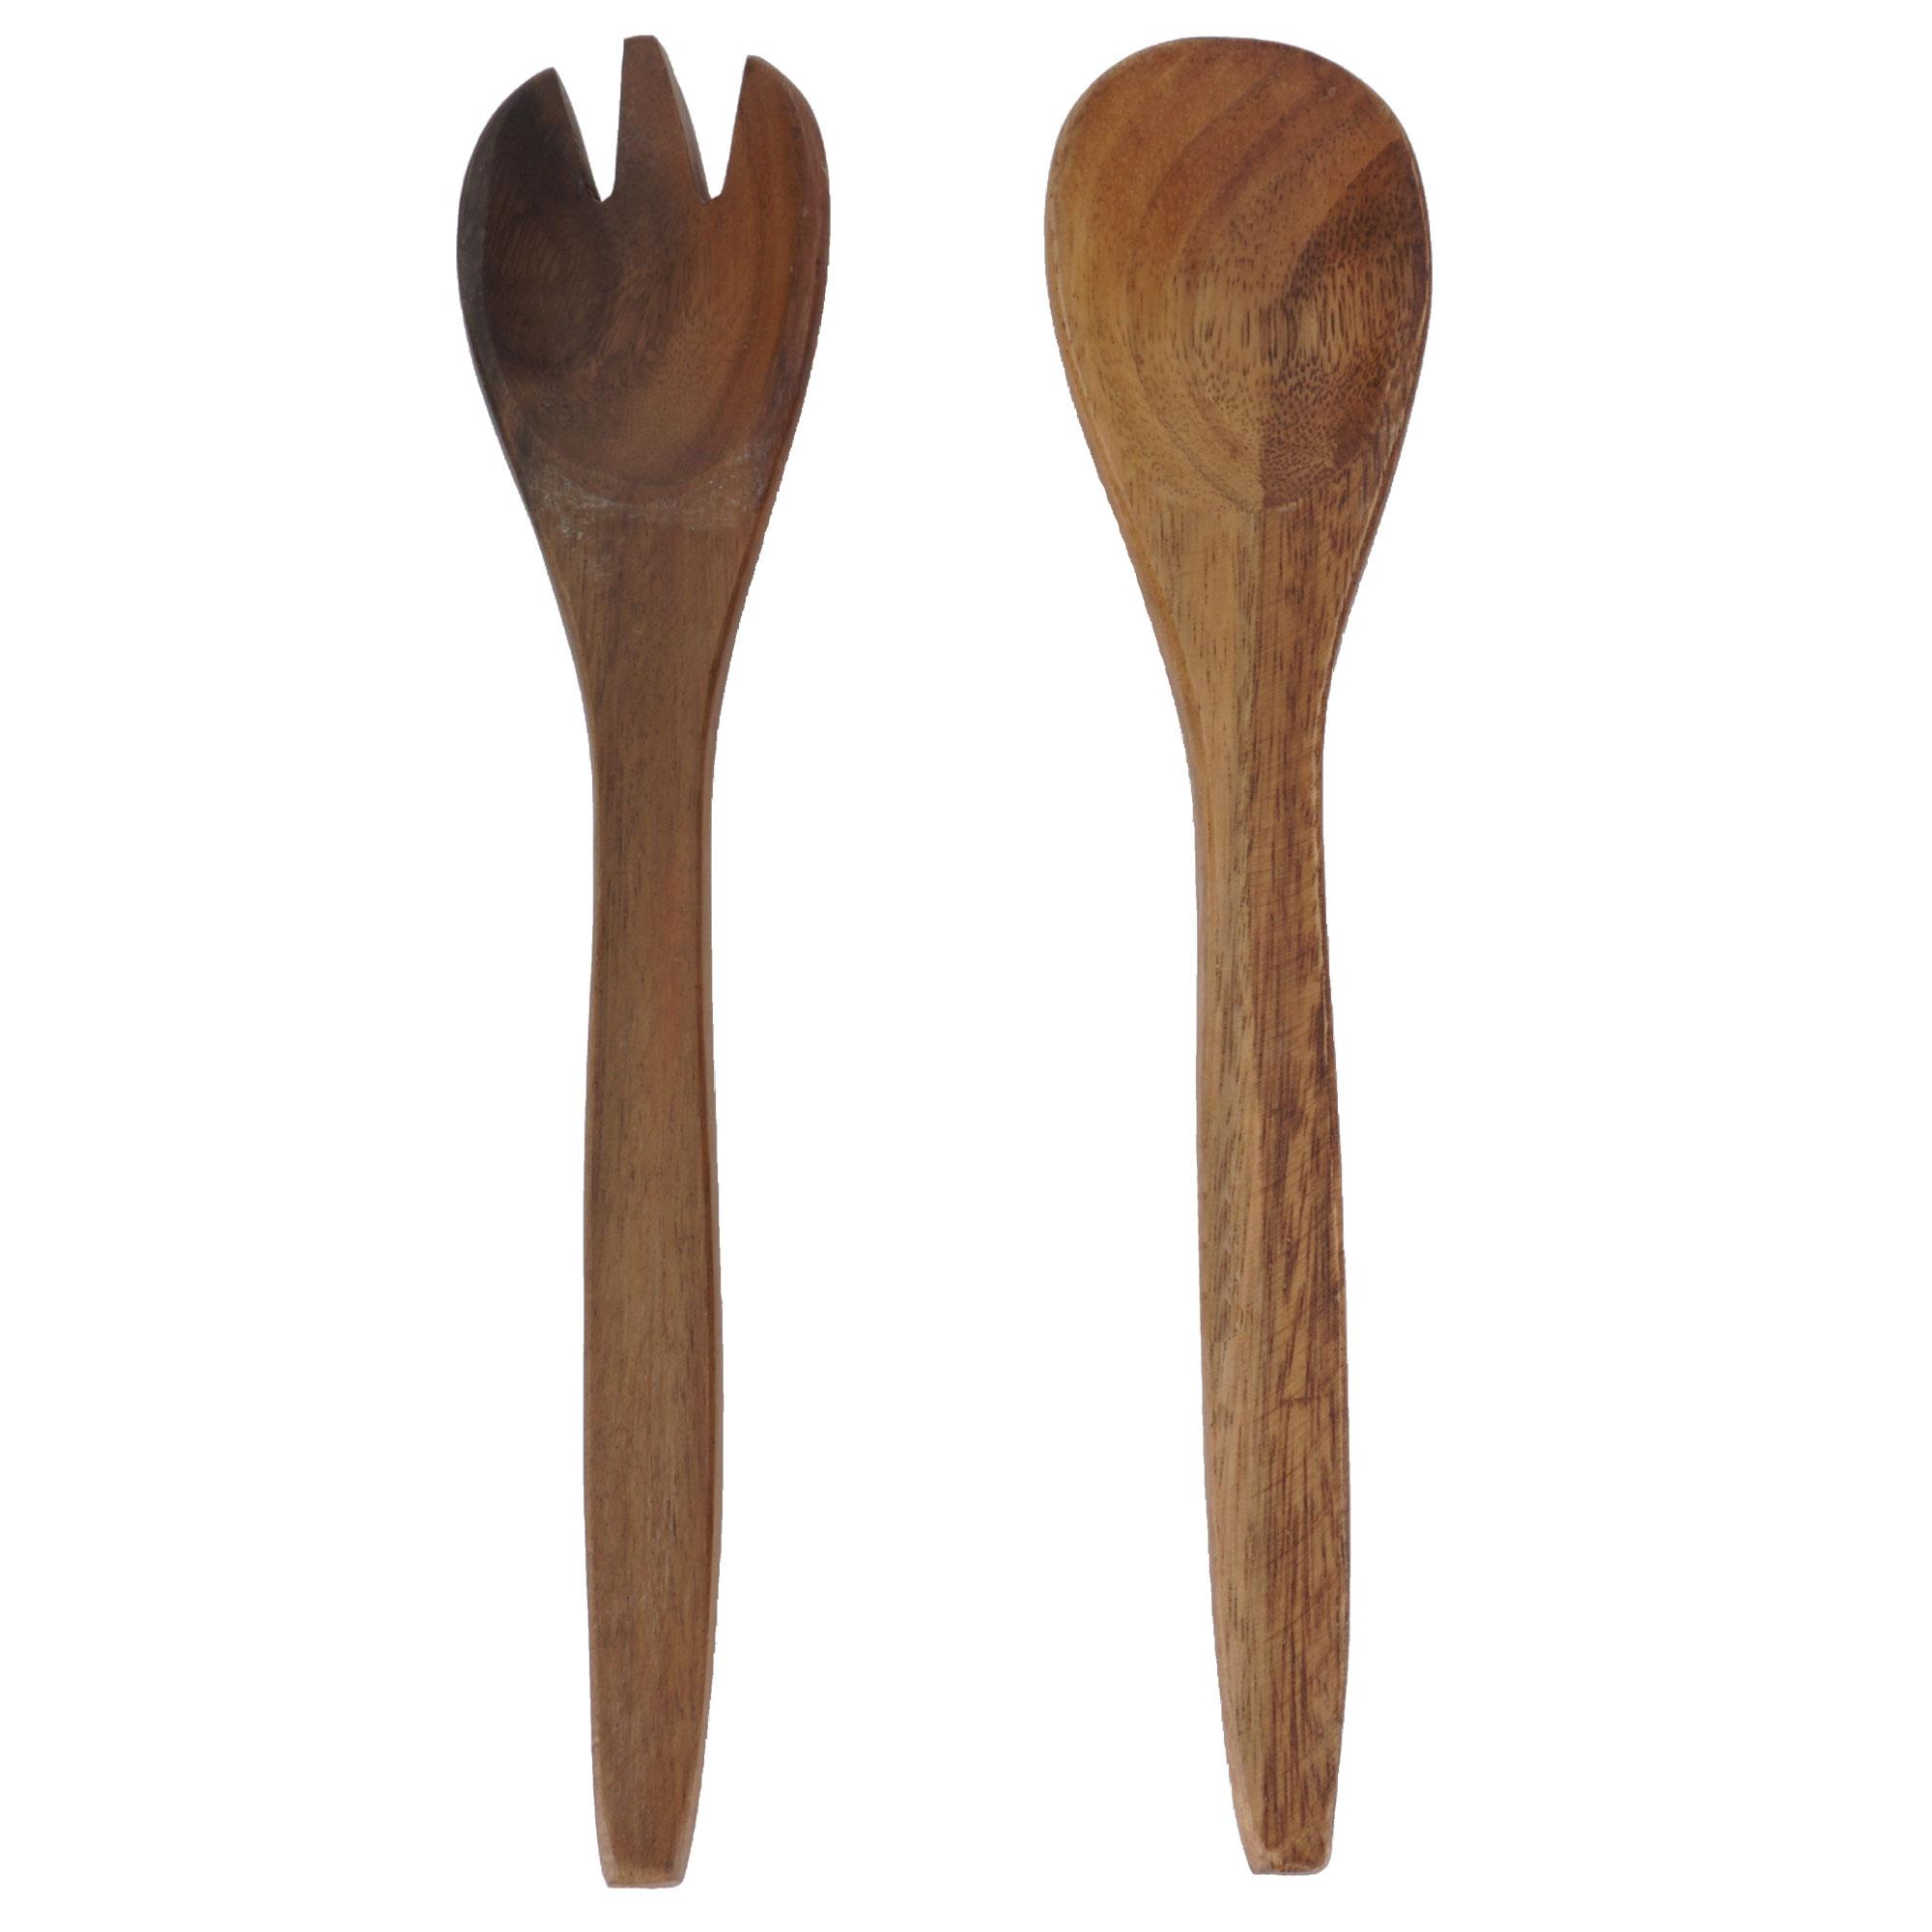 Posate per insalata legno di acacia holzbesteck da portata - Posate da portata ...